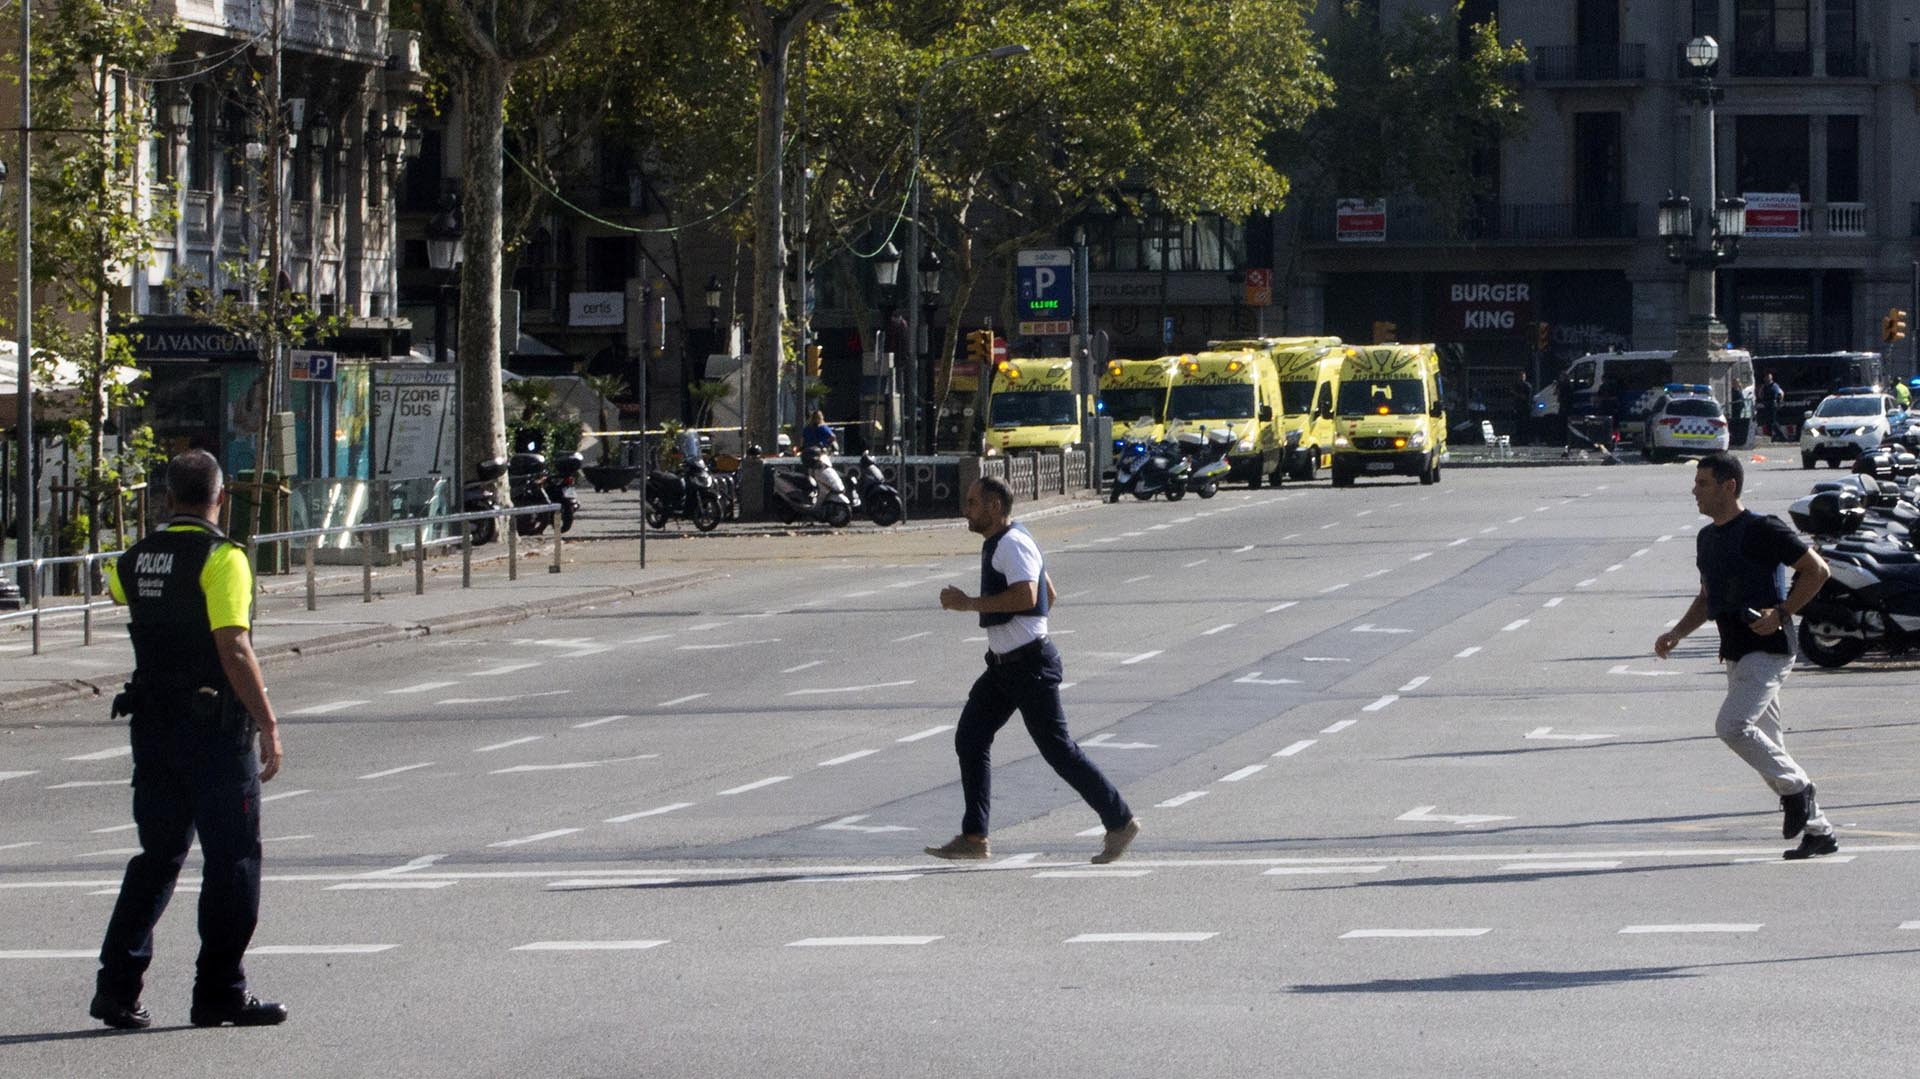 Efectivos policiales y de emergencia en el lugar en el que se ha producido un atropello masivo (EFE)